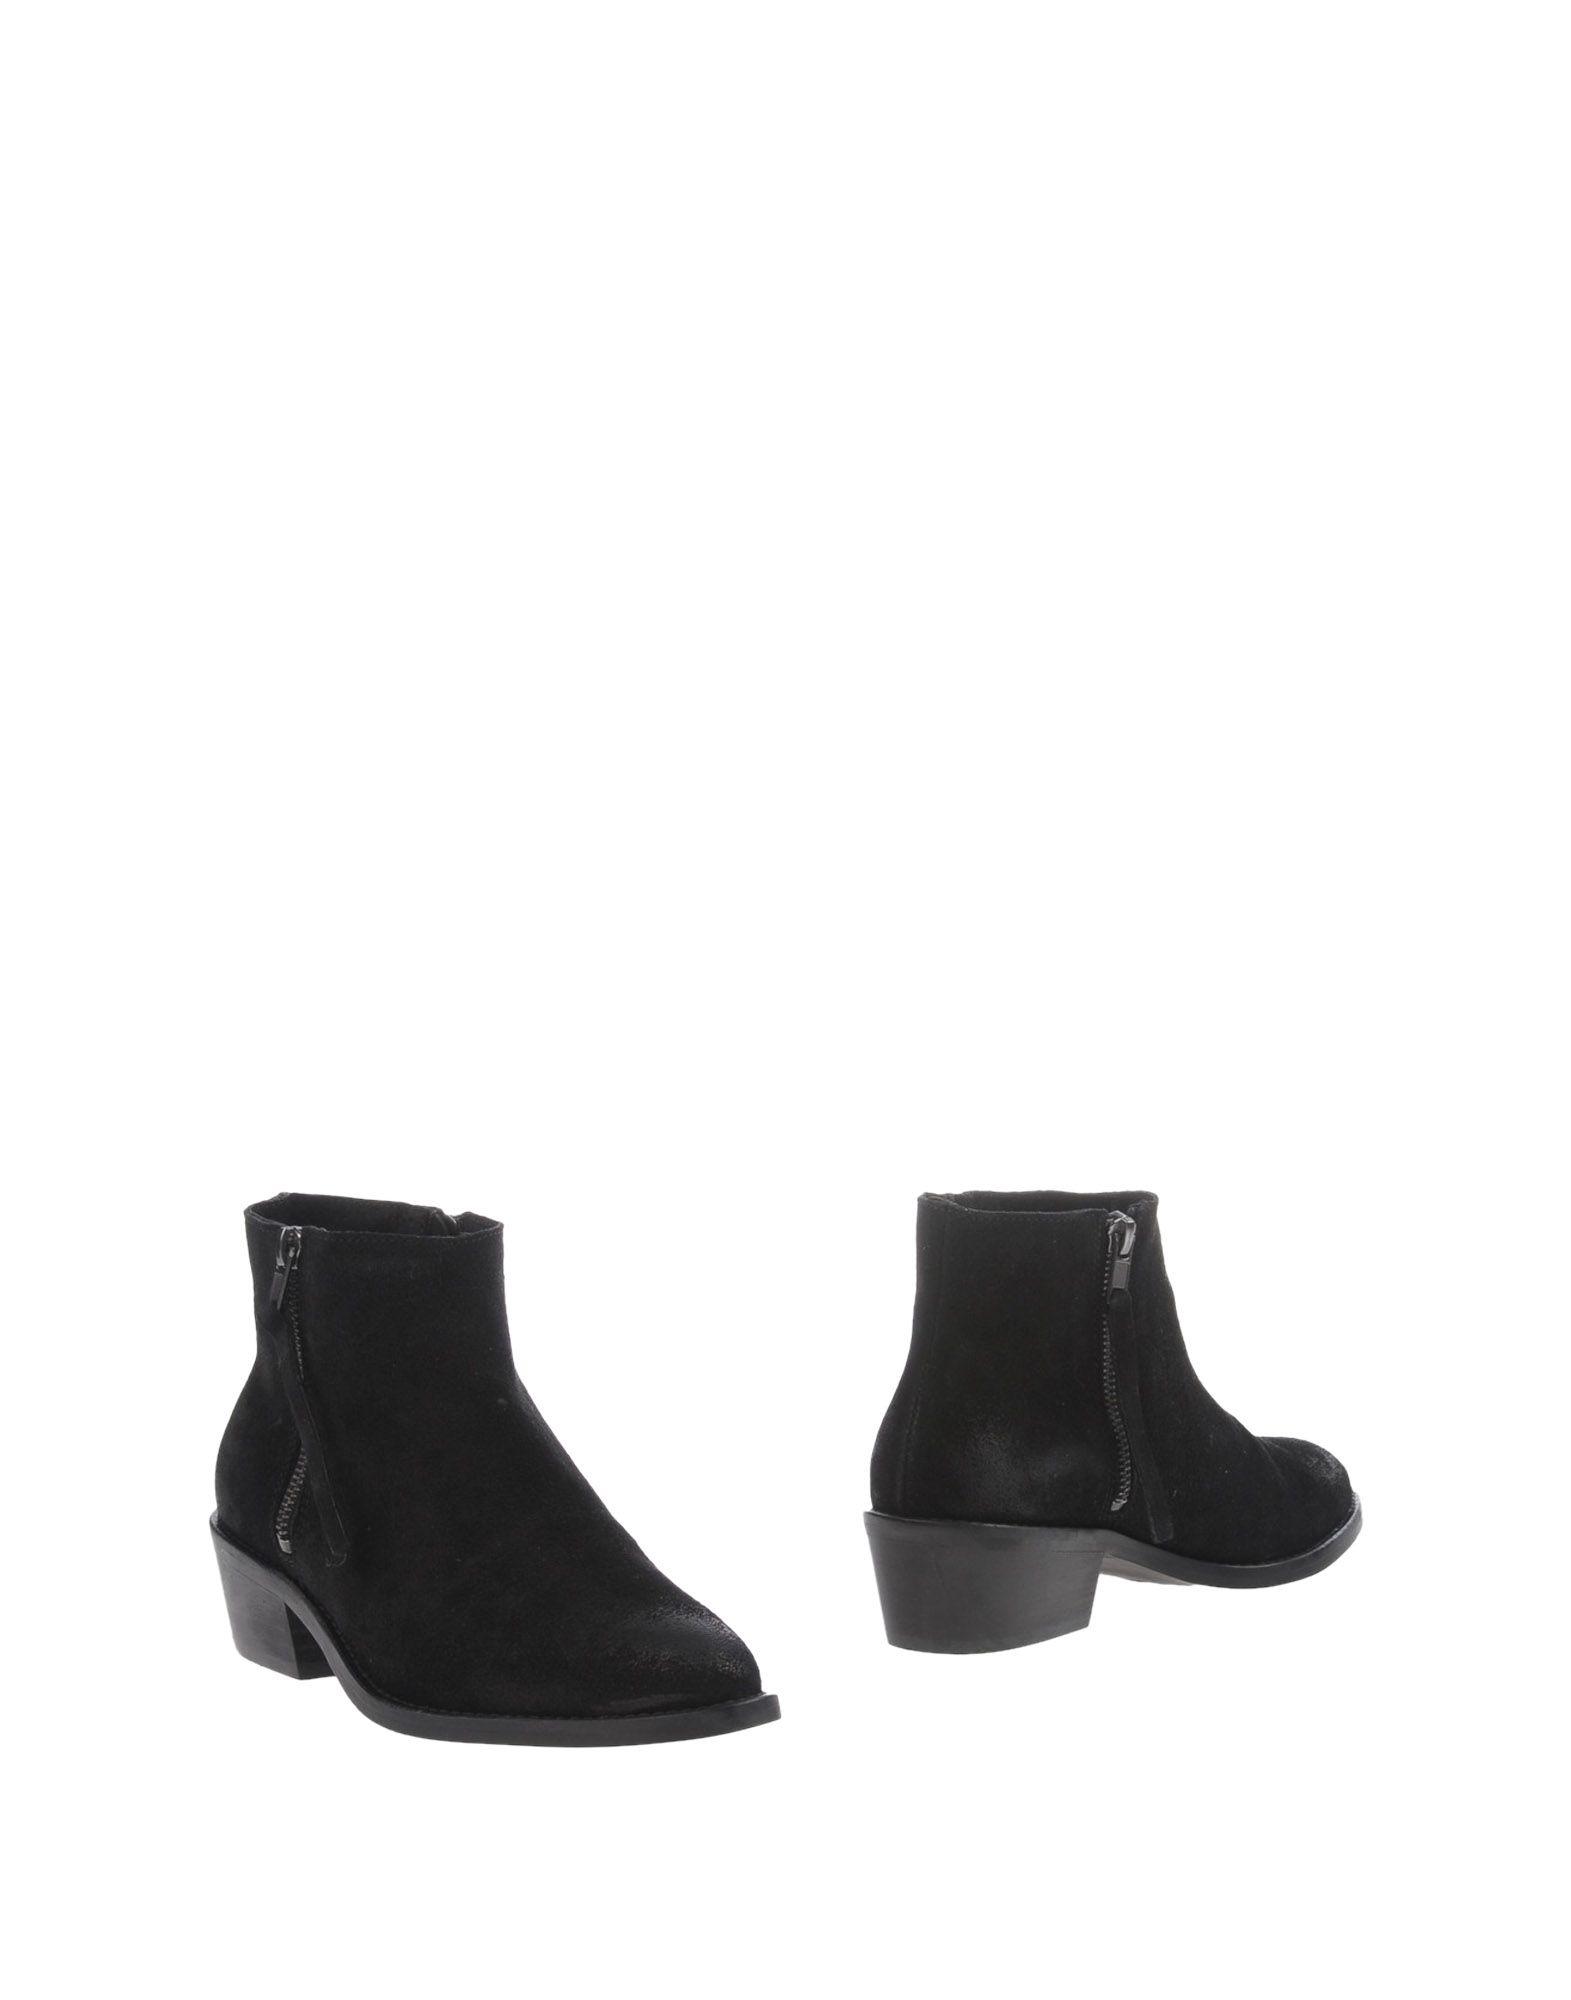 Pieces Stiefelette Damen  11216775MU Gute Qualität beliebte Schuhe